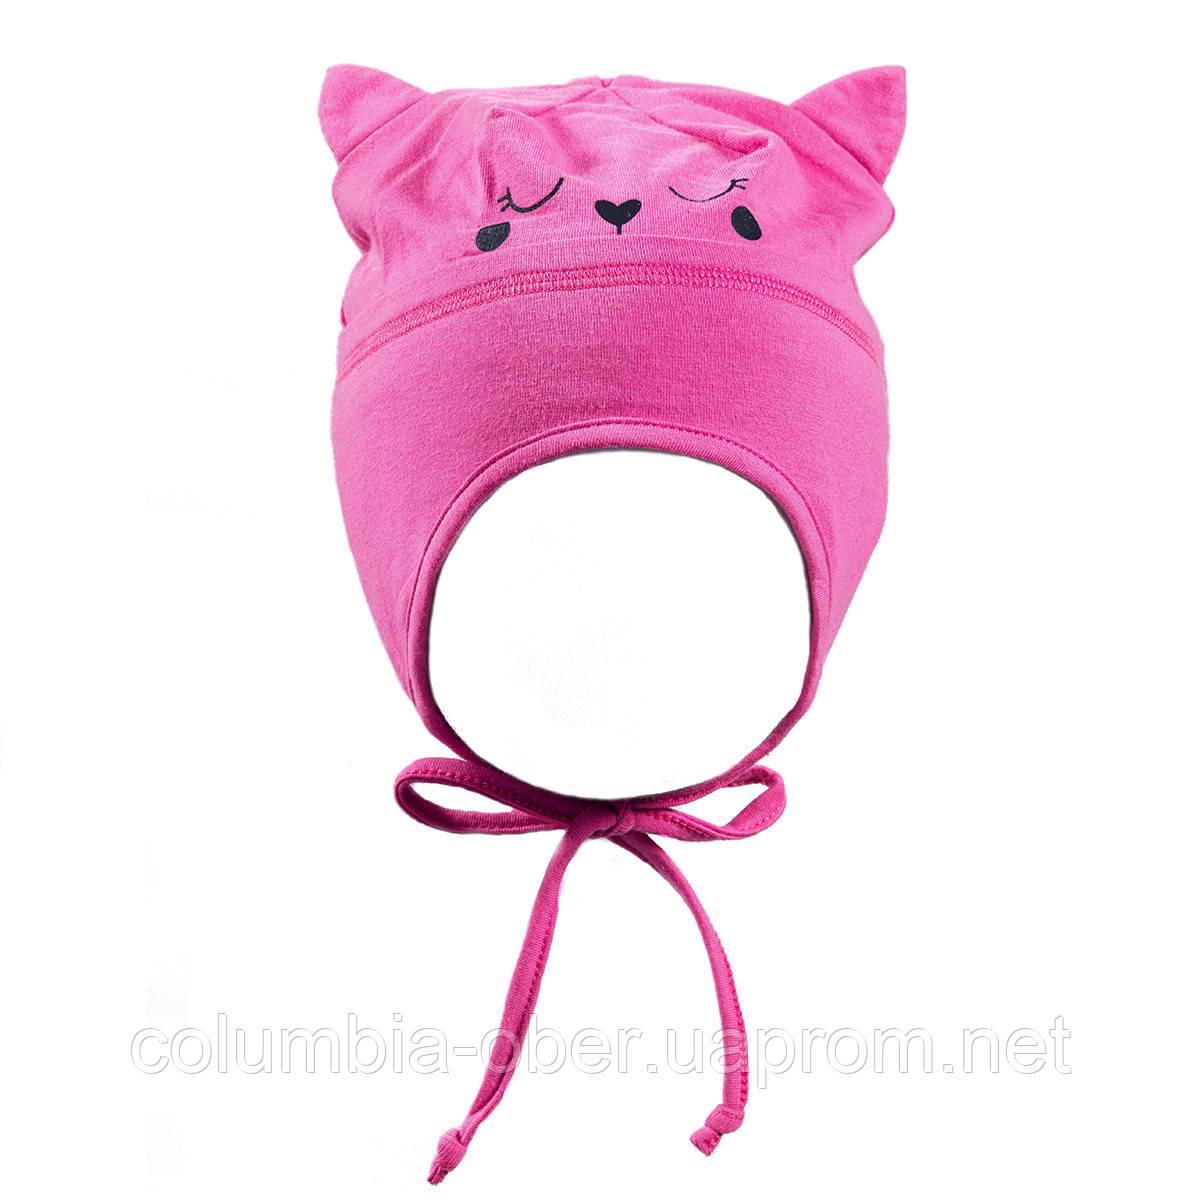 Демисезонная шапка для девочек Peluche S18 TU 08 BF Flamingo. Размеры 47, 49.